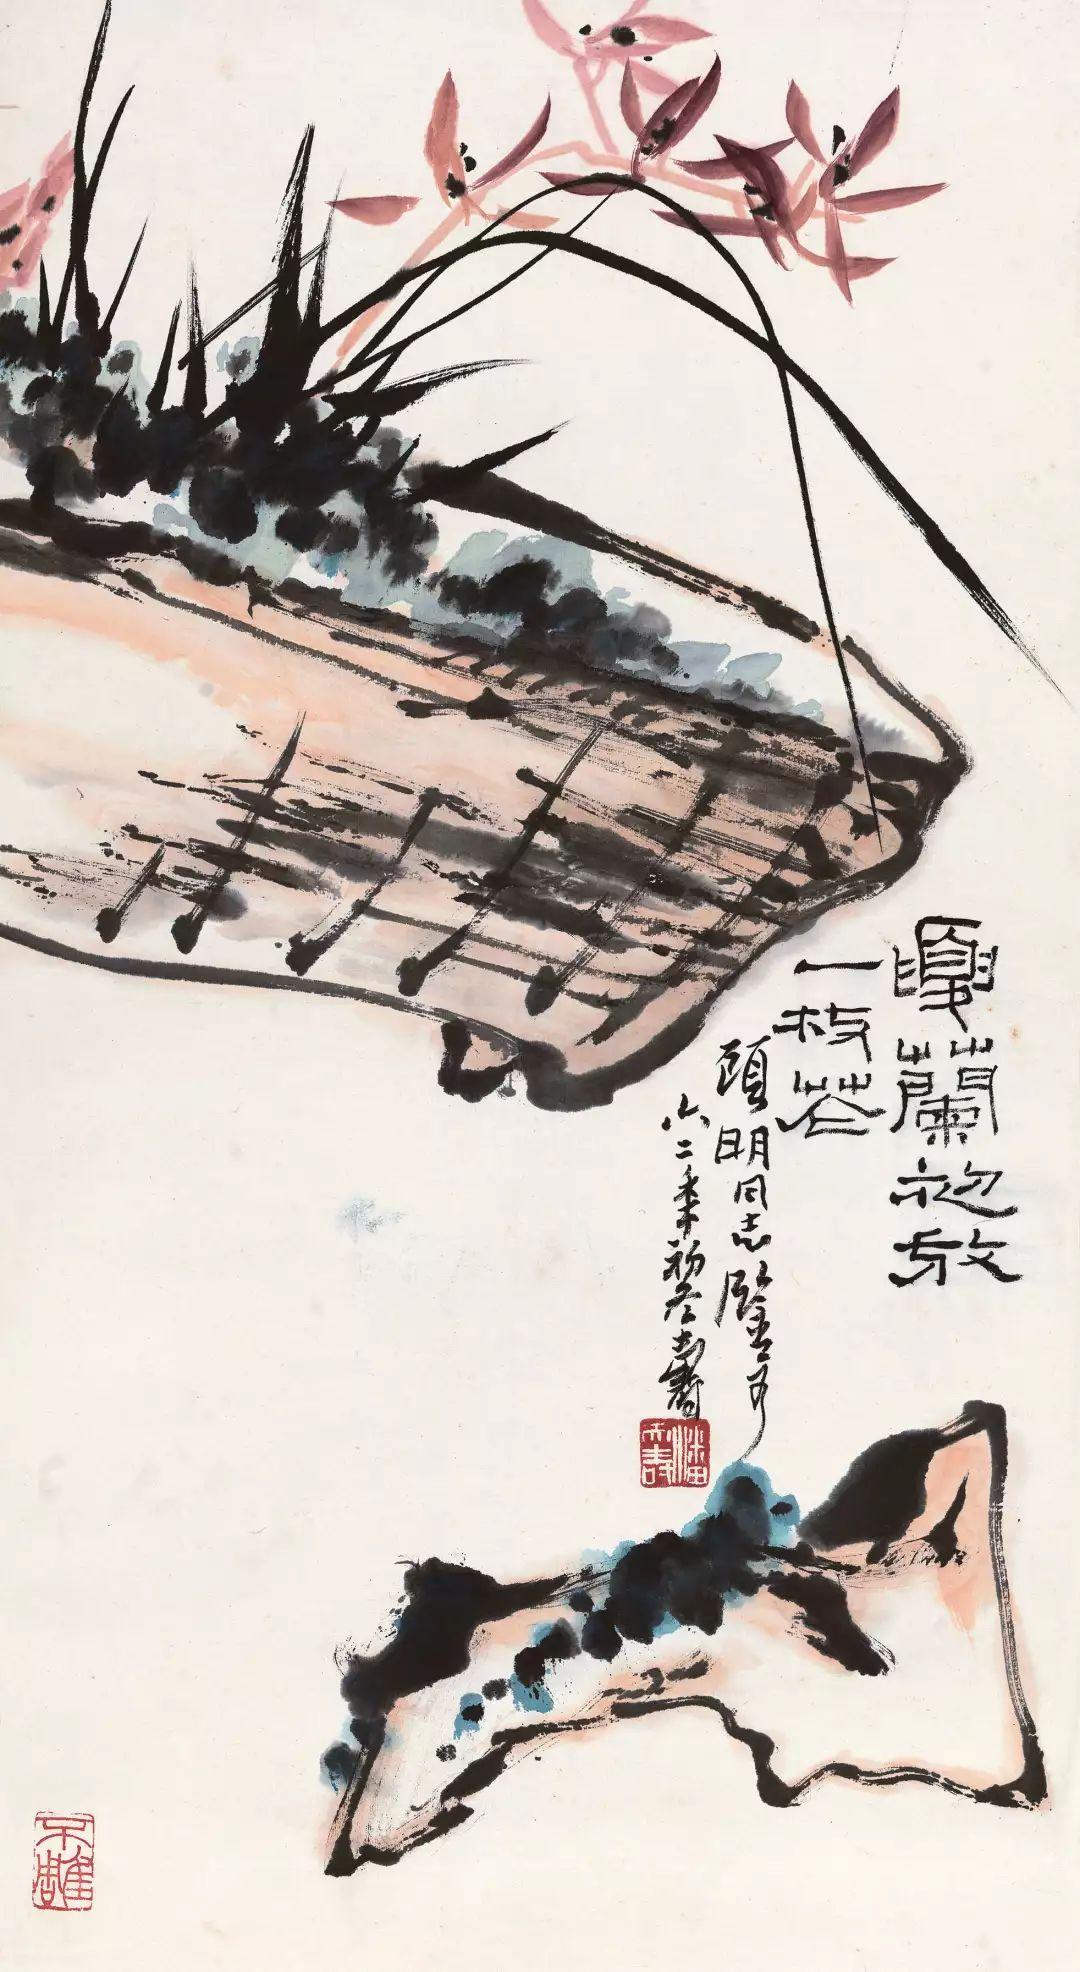 1.4375亿元!吴冠中《狮子林》创其中国画最高价纪录!插图56